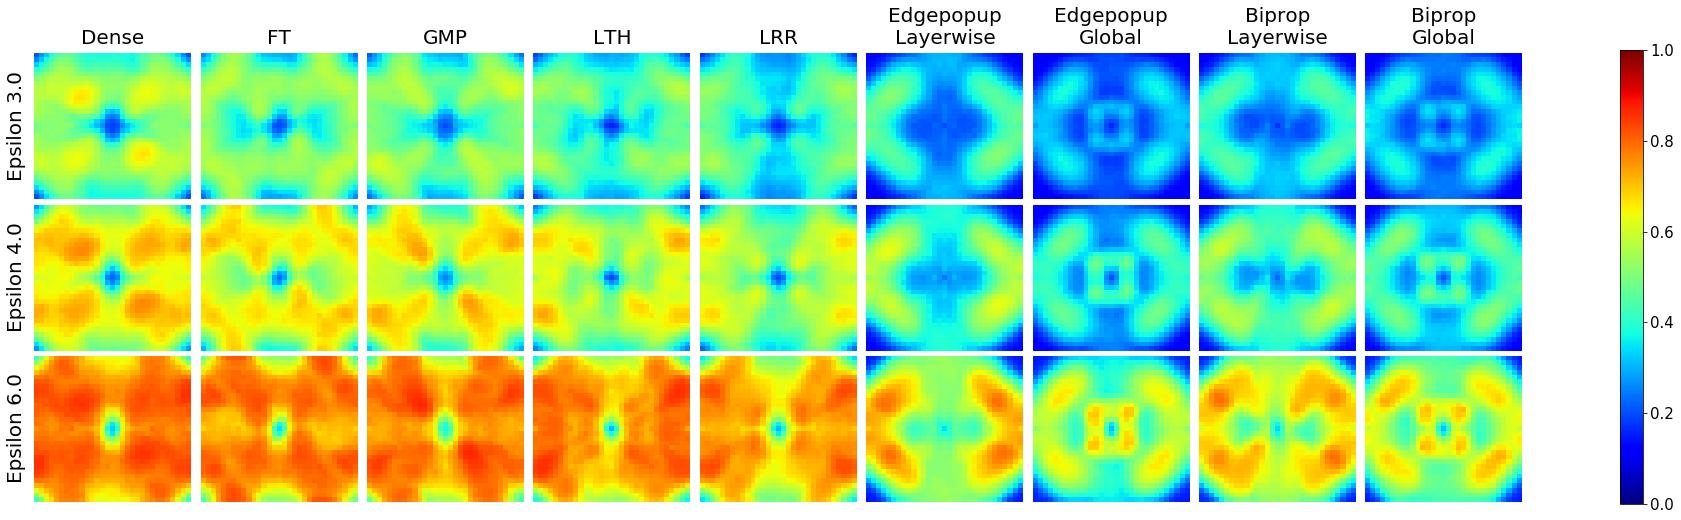 3x9 grid of heatmaps